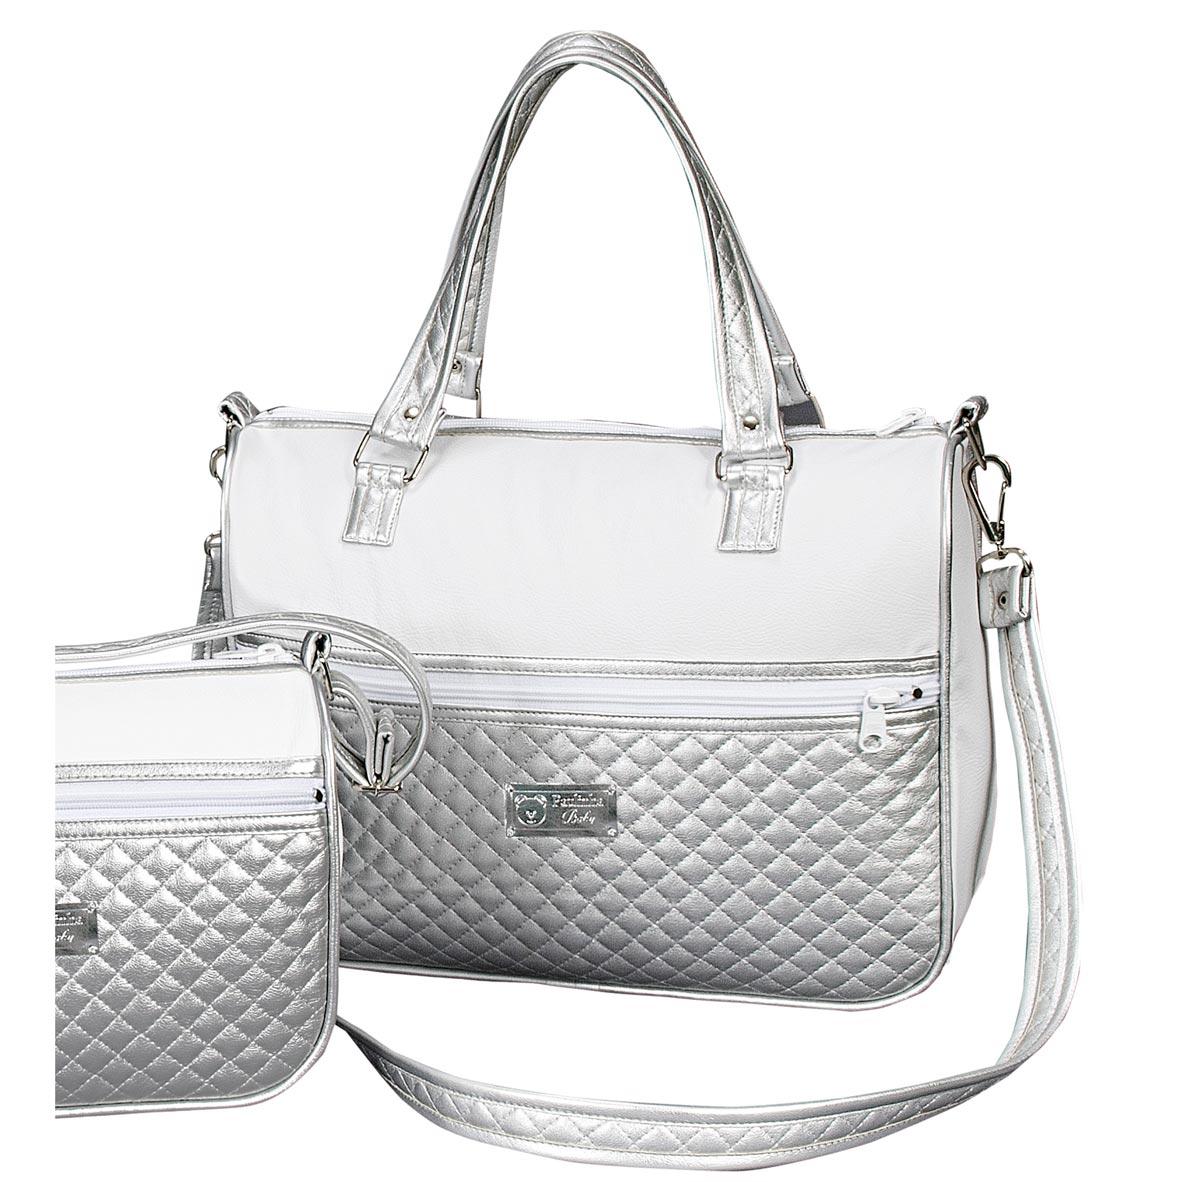 Bolsa Maternidade Coleção Classic 36cm x 31cm x 14cm - Branco / Prata